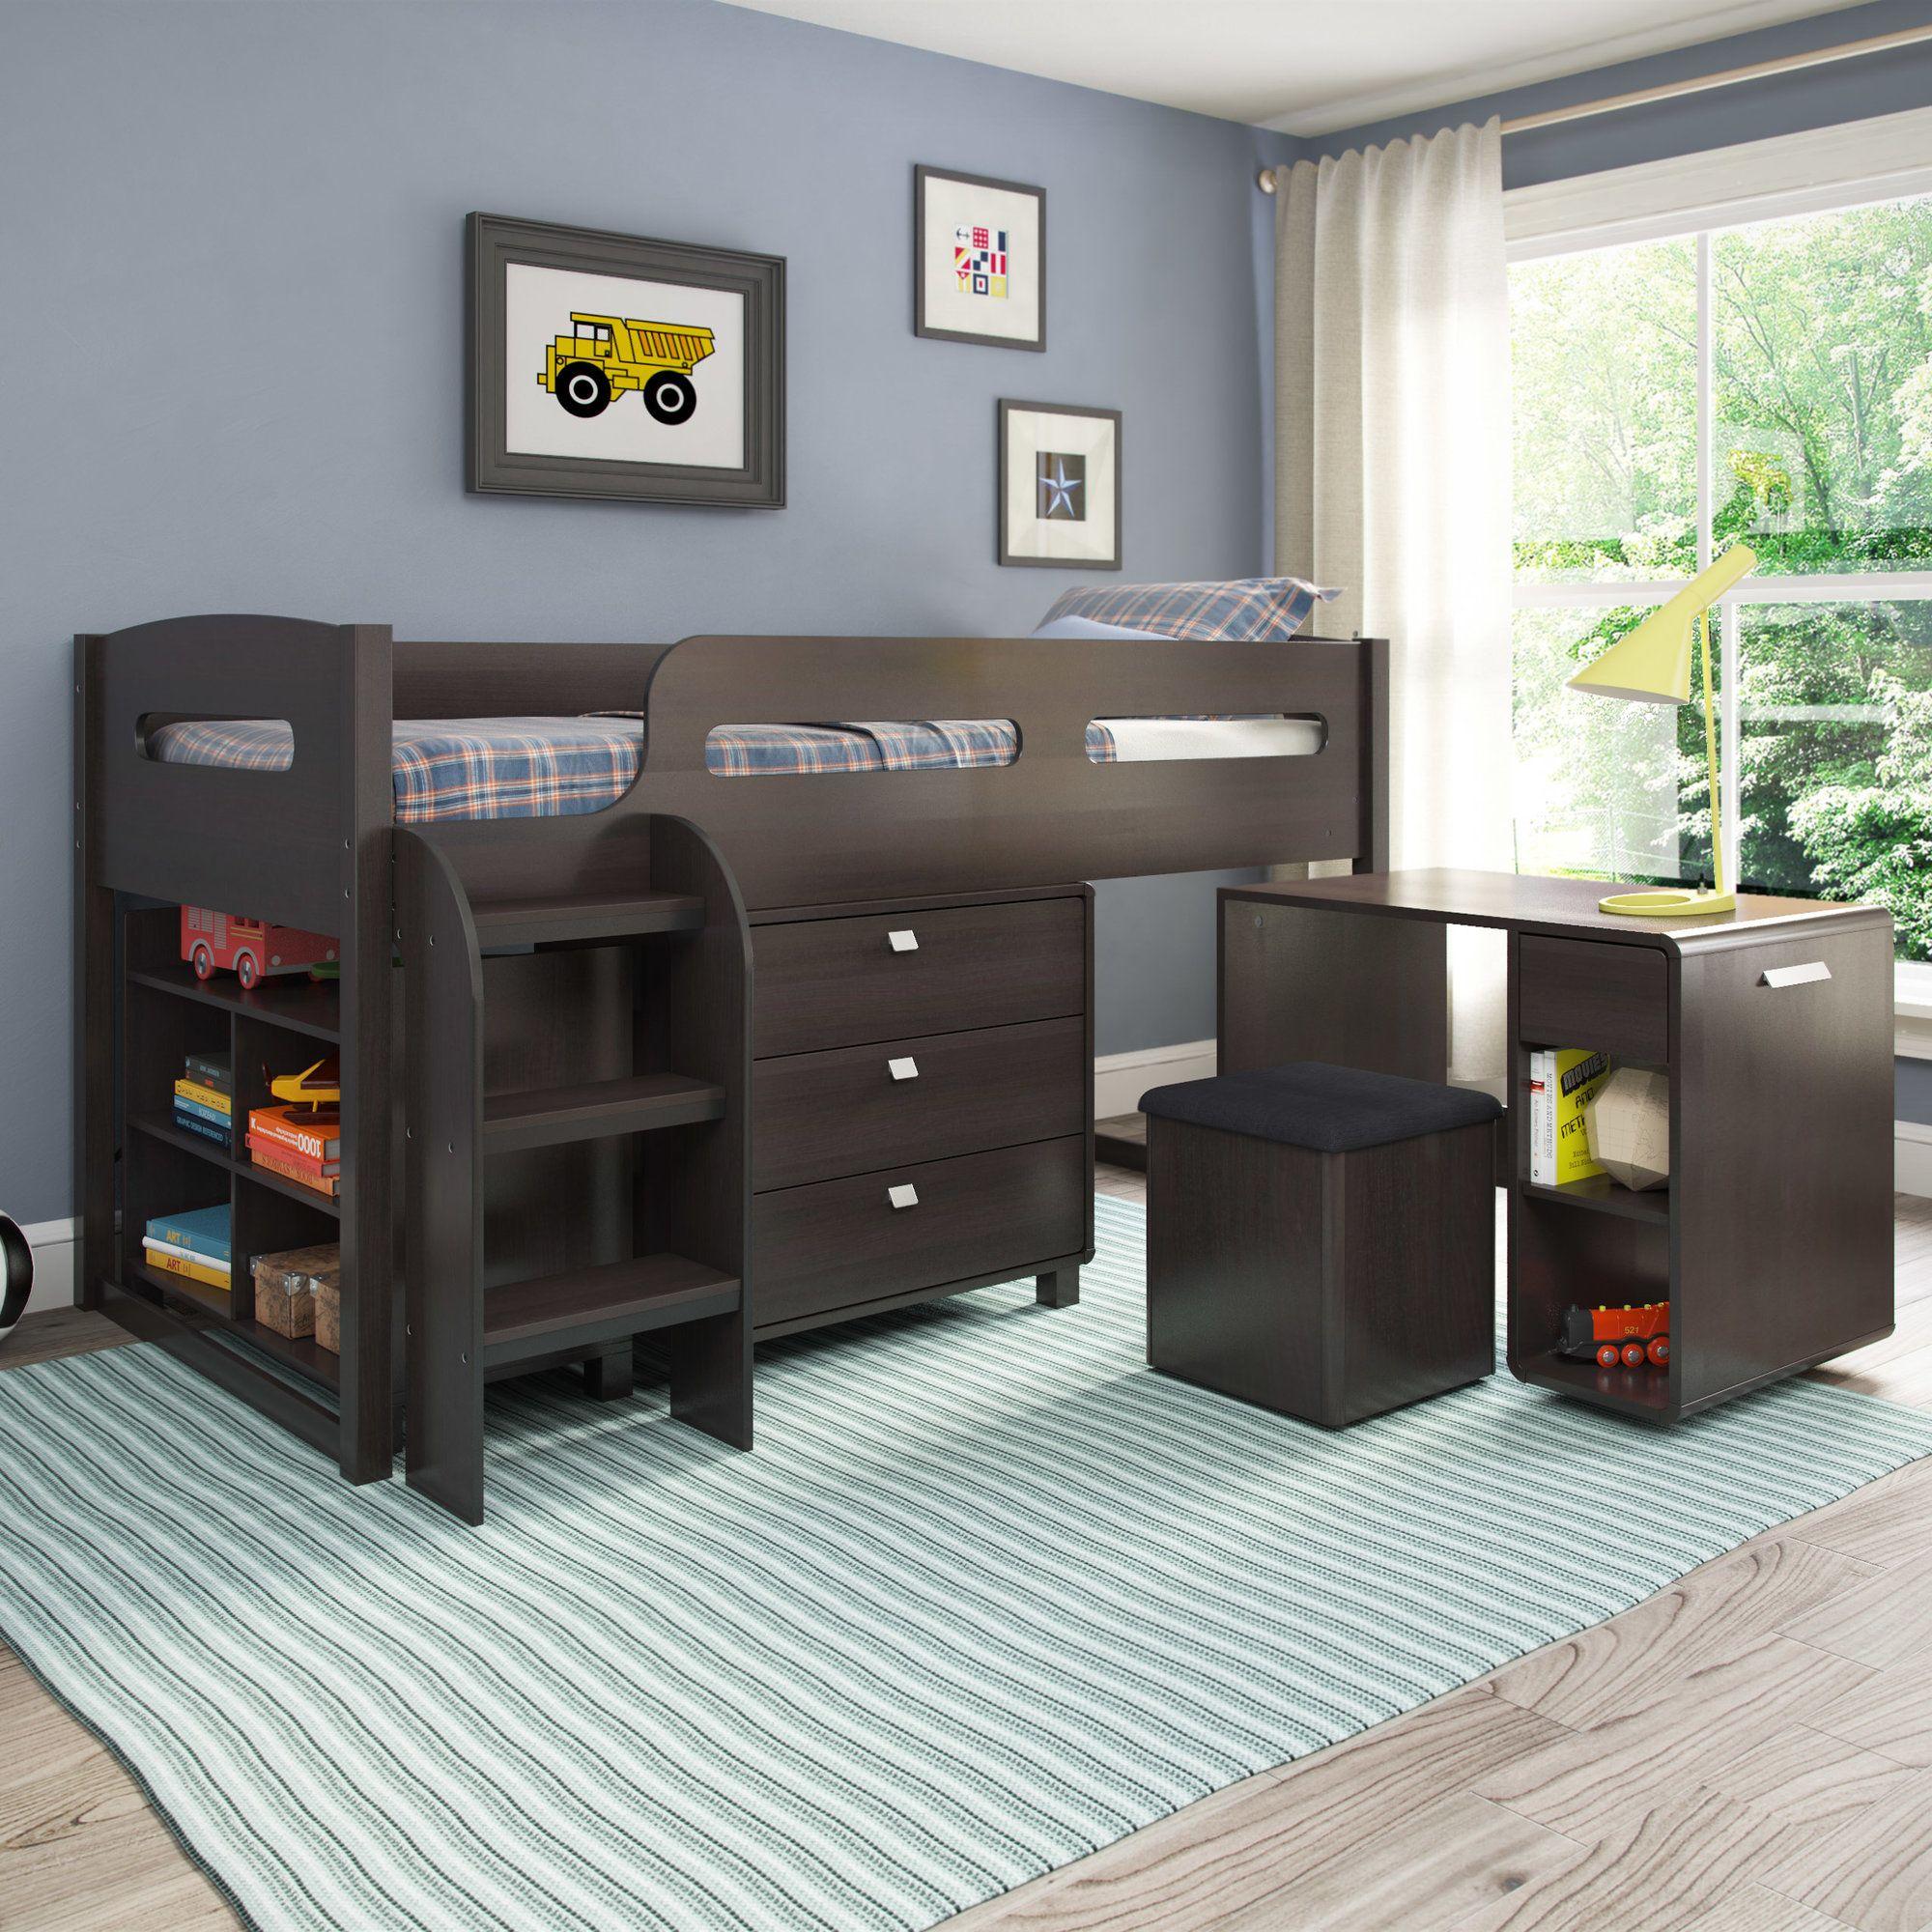 Deion twin loft bed with storage furniture ideas pinterest